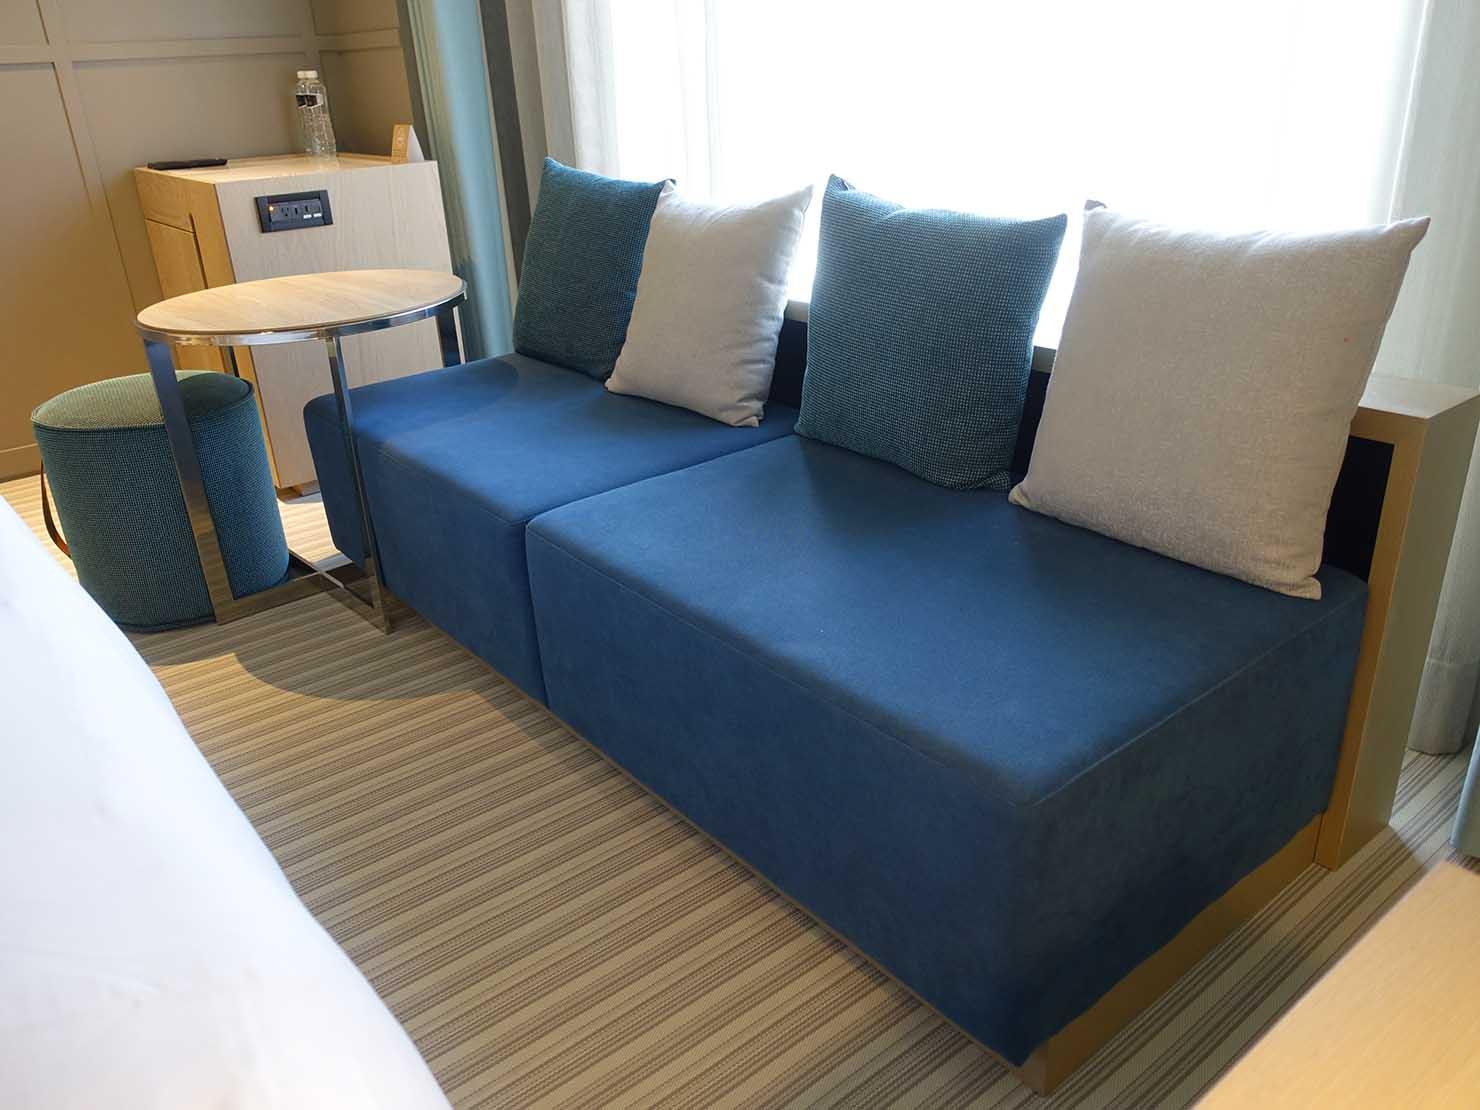 高雄市内観光におすすめのホテル「GREET INN 喜迎旅店」の豪華雙人房(デラックスダブル)のソファ